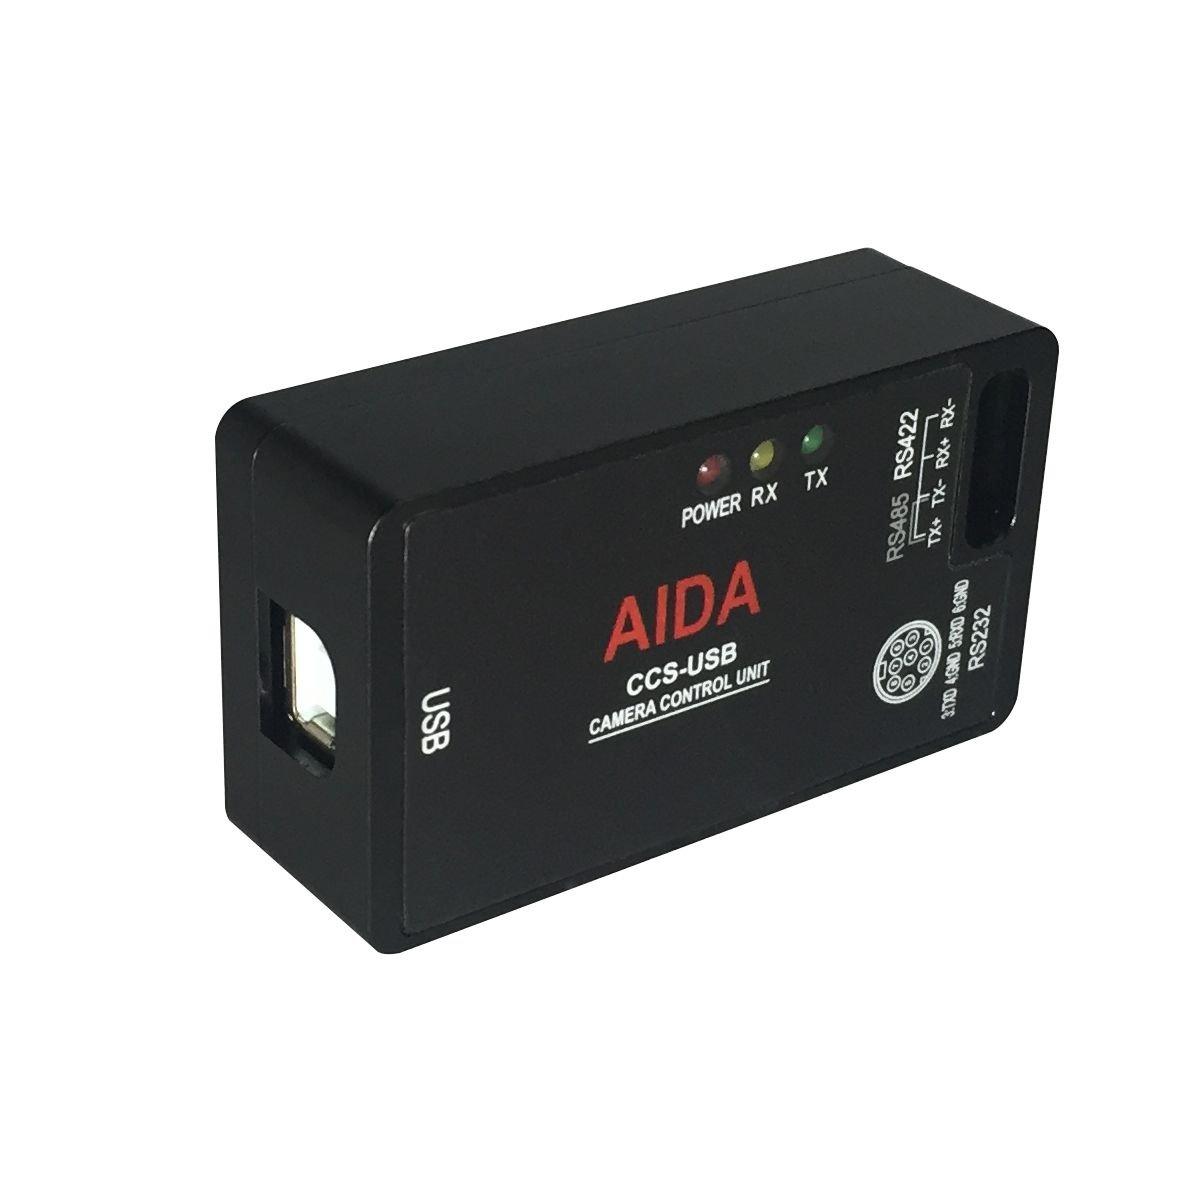 AIDA Imaging CCS-USB VISCA Camera Control Unit and Software